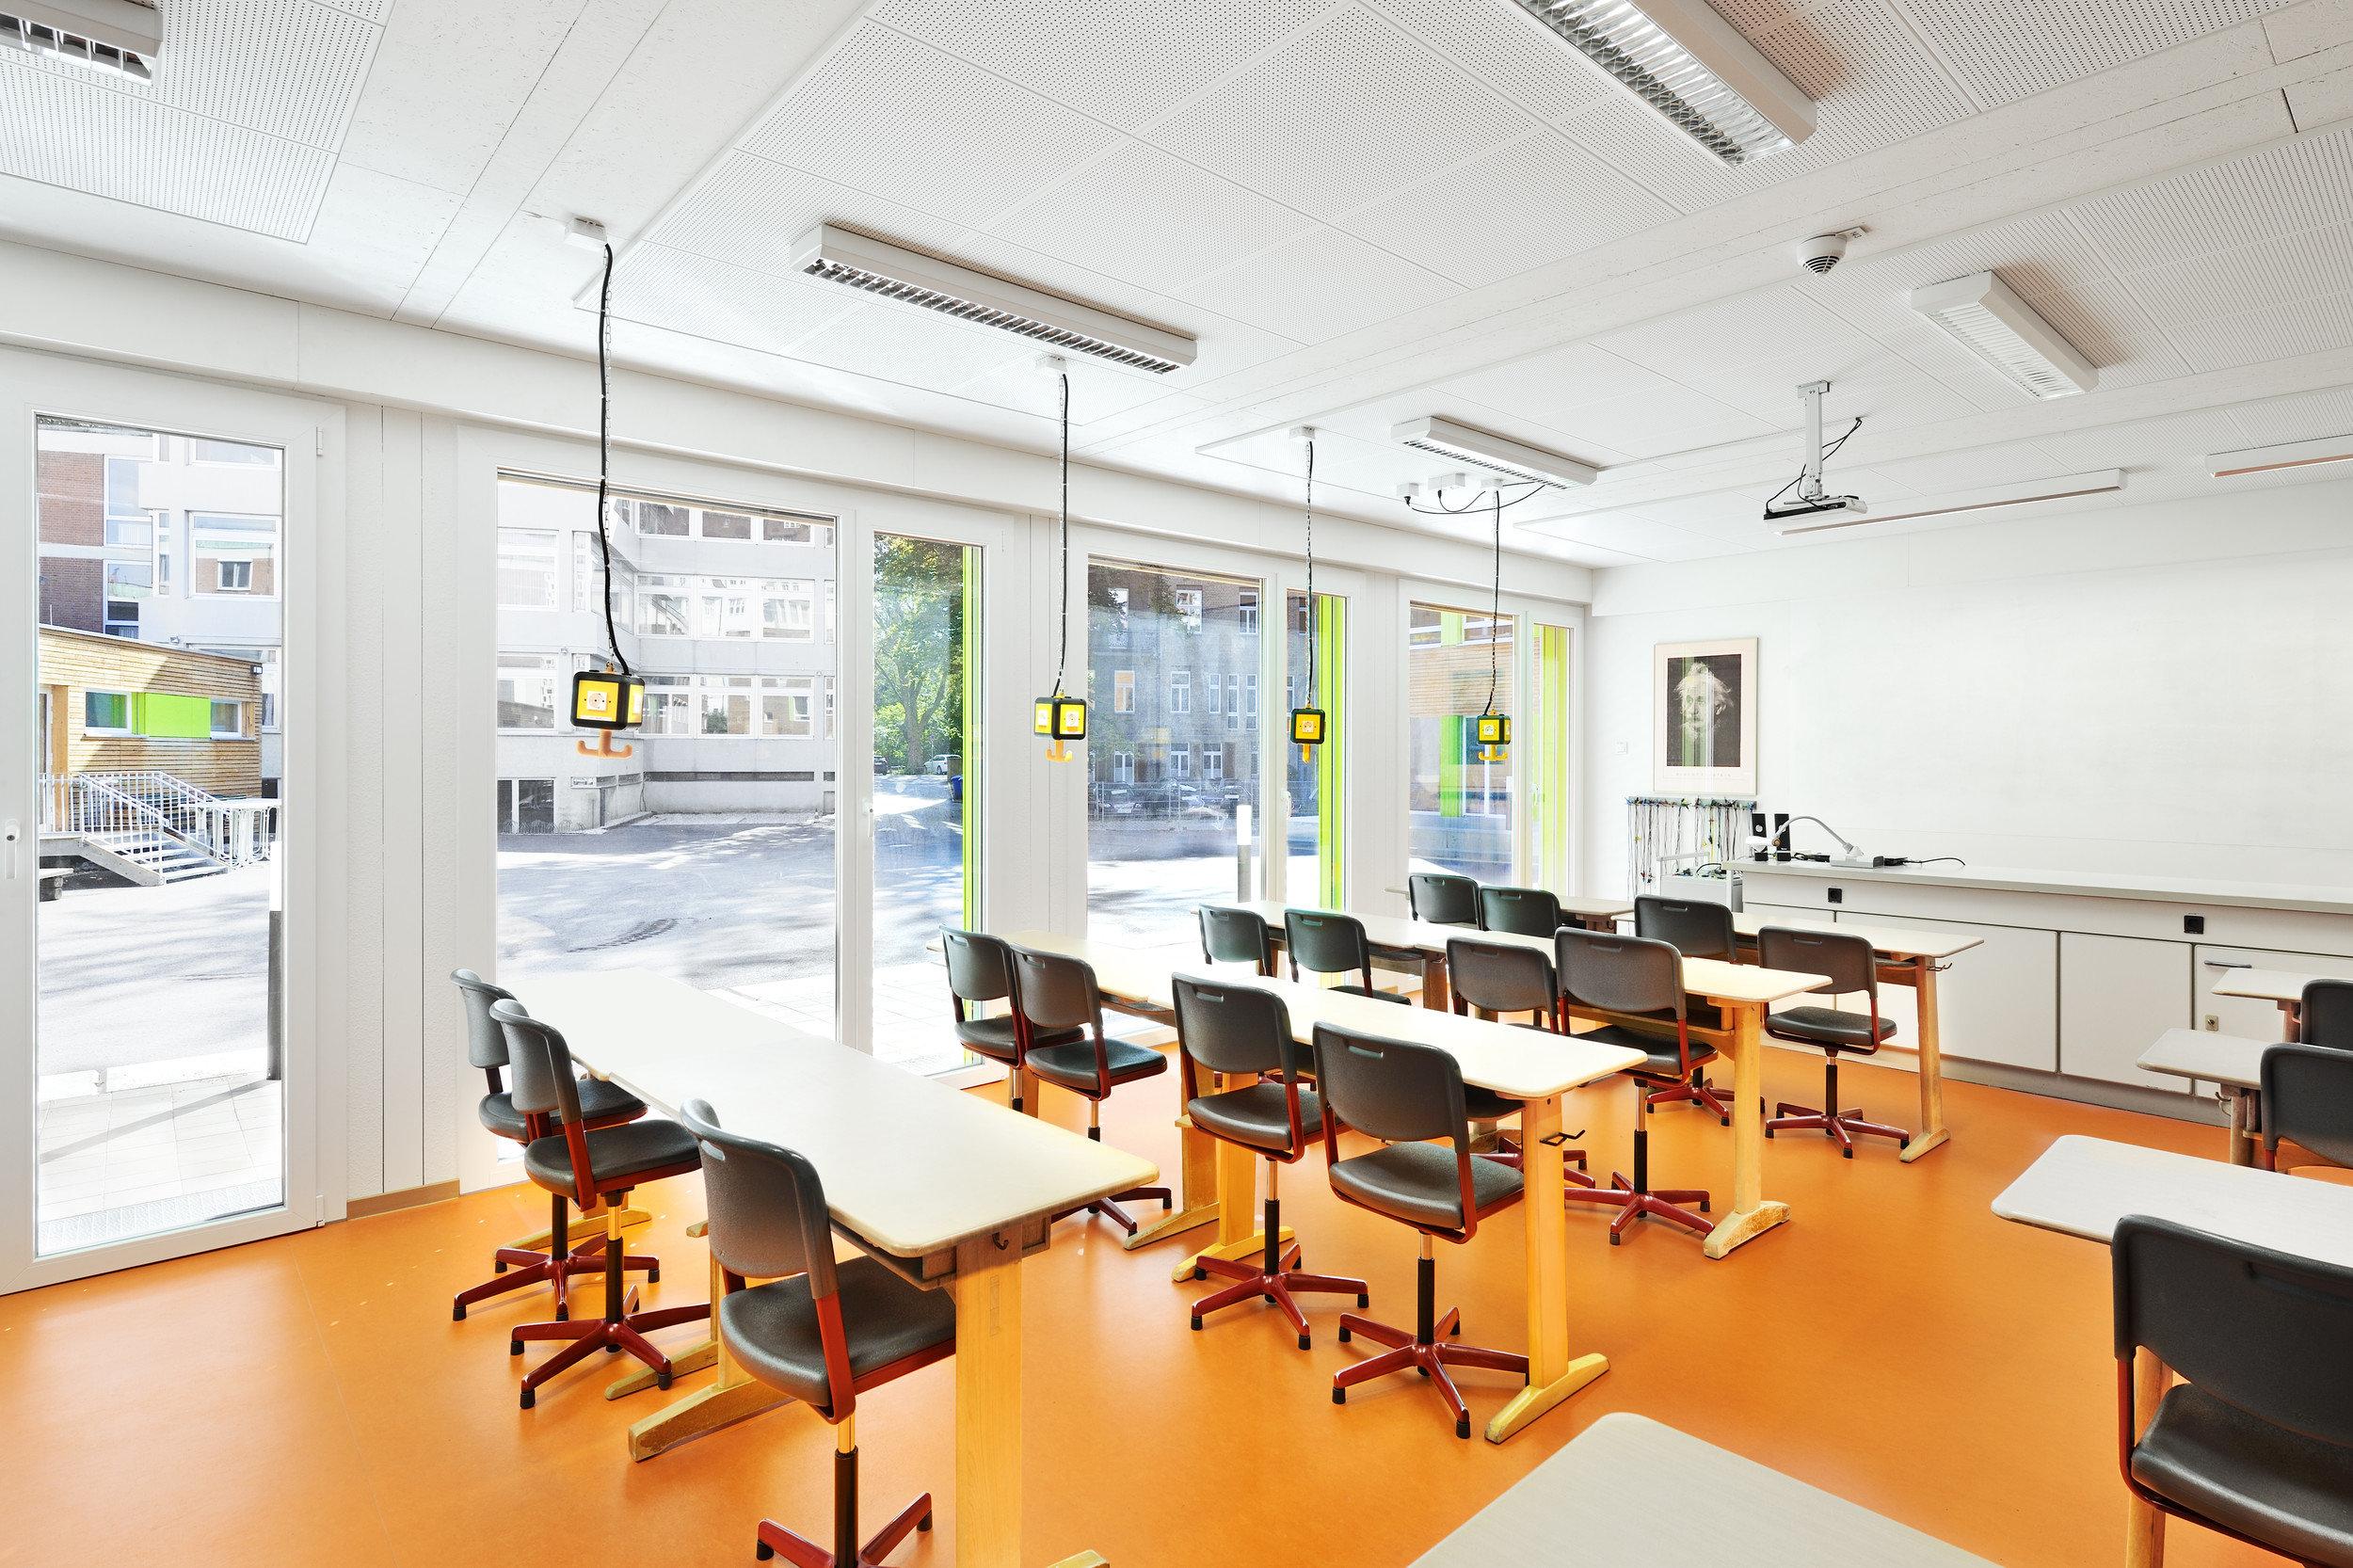 Lichtdurchflutetes Klassenzimmer mit grossen Fensterelementen